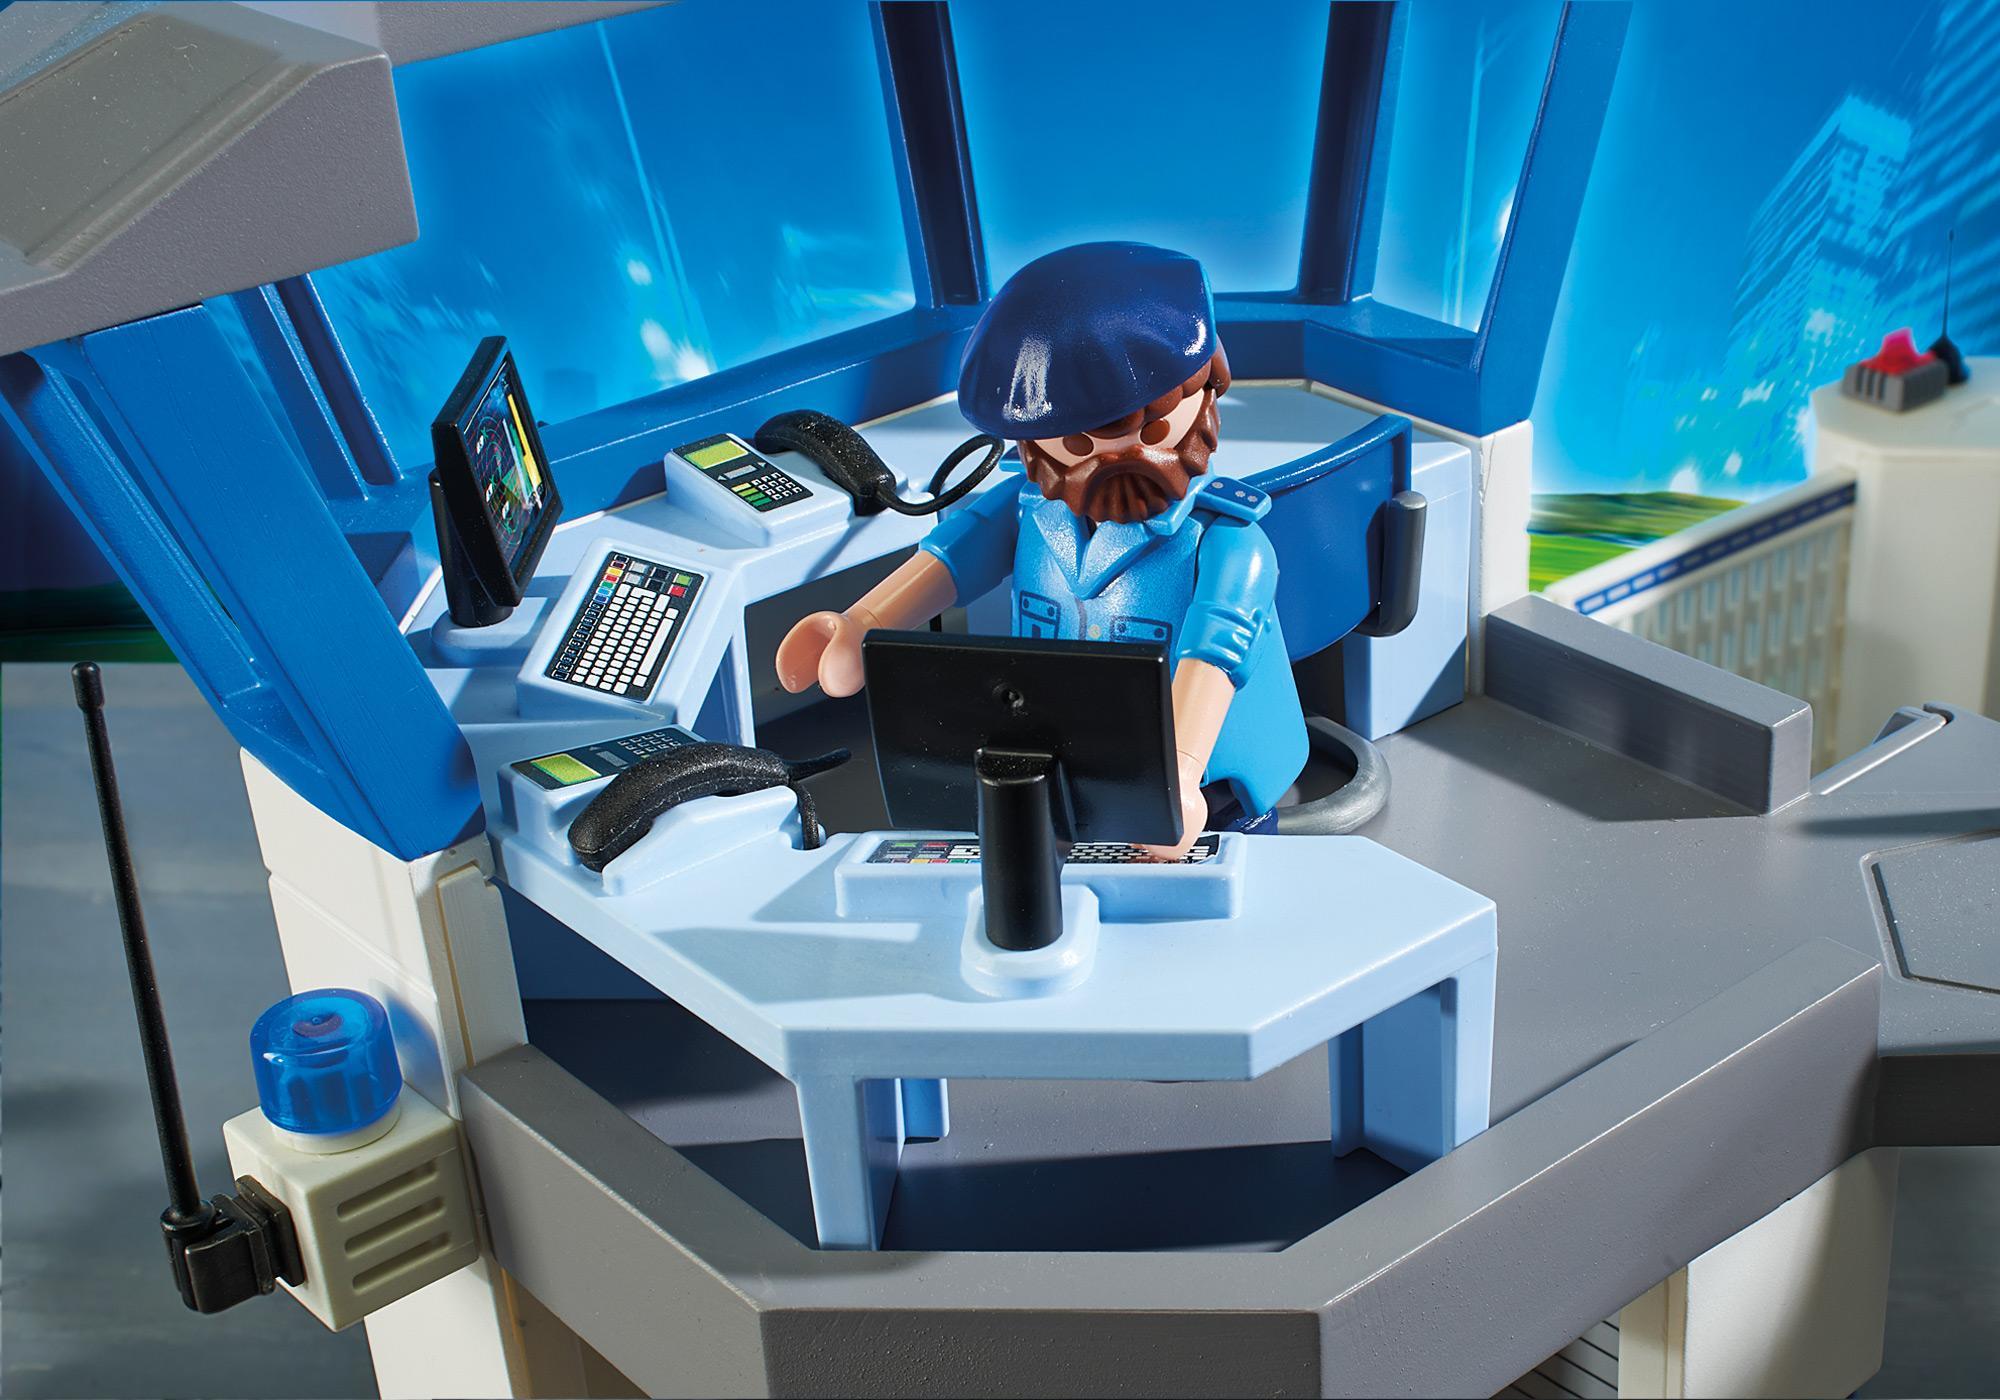 http://media.playmobil.com/i/playmobil/6919_product_extra5/Esquadra da Polícia com prisão